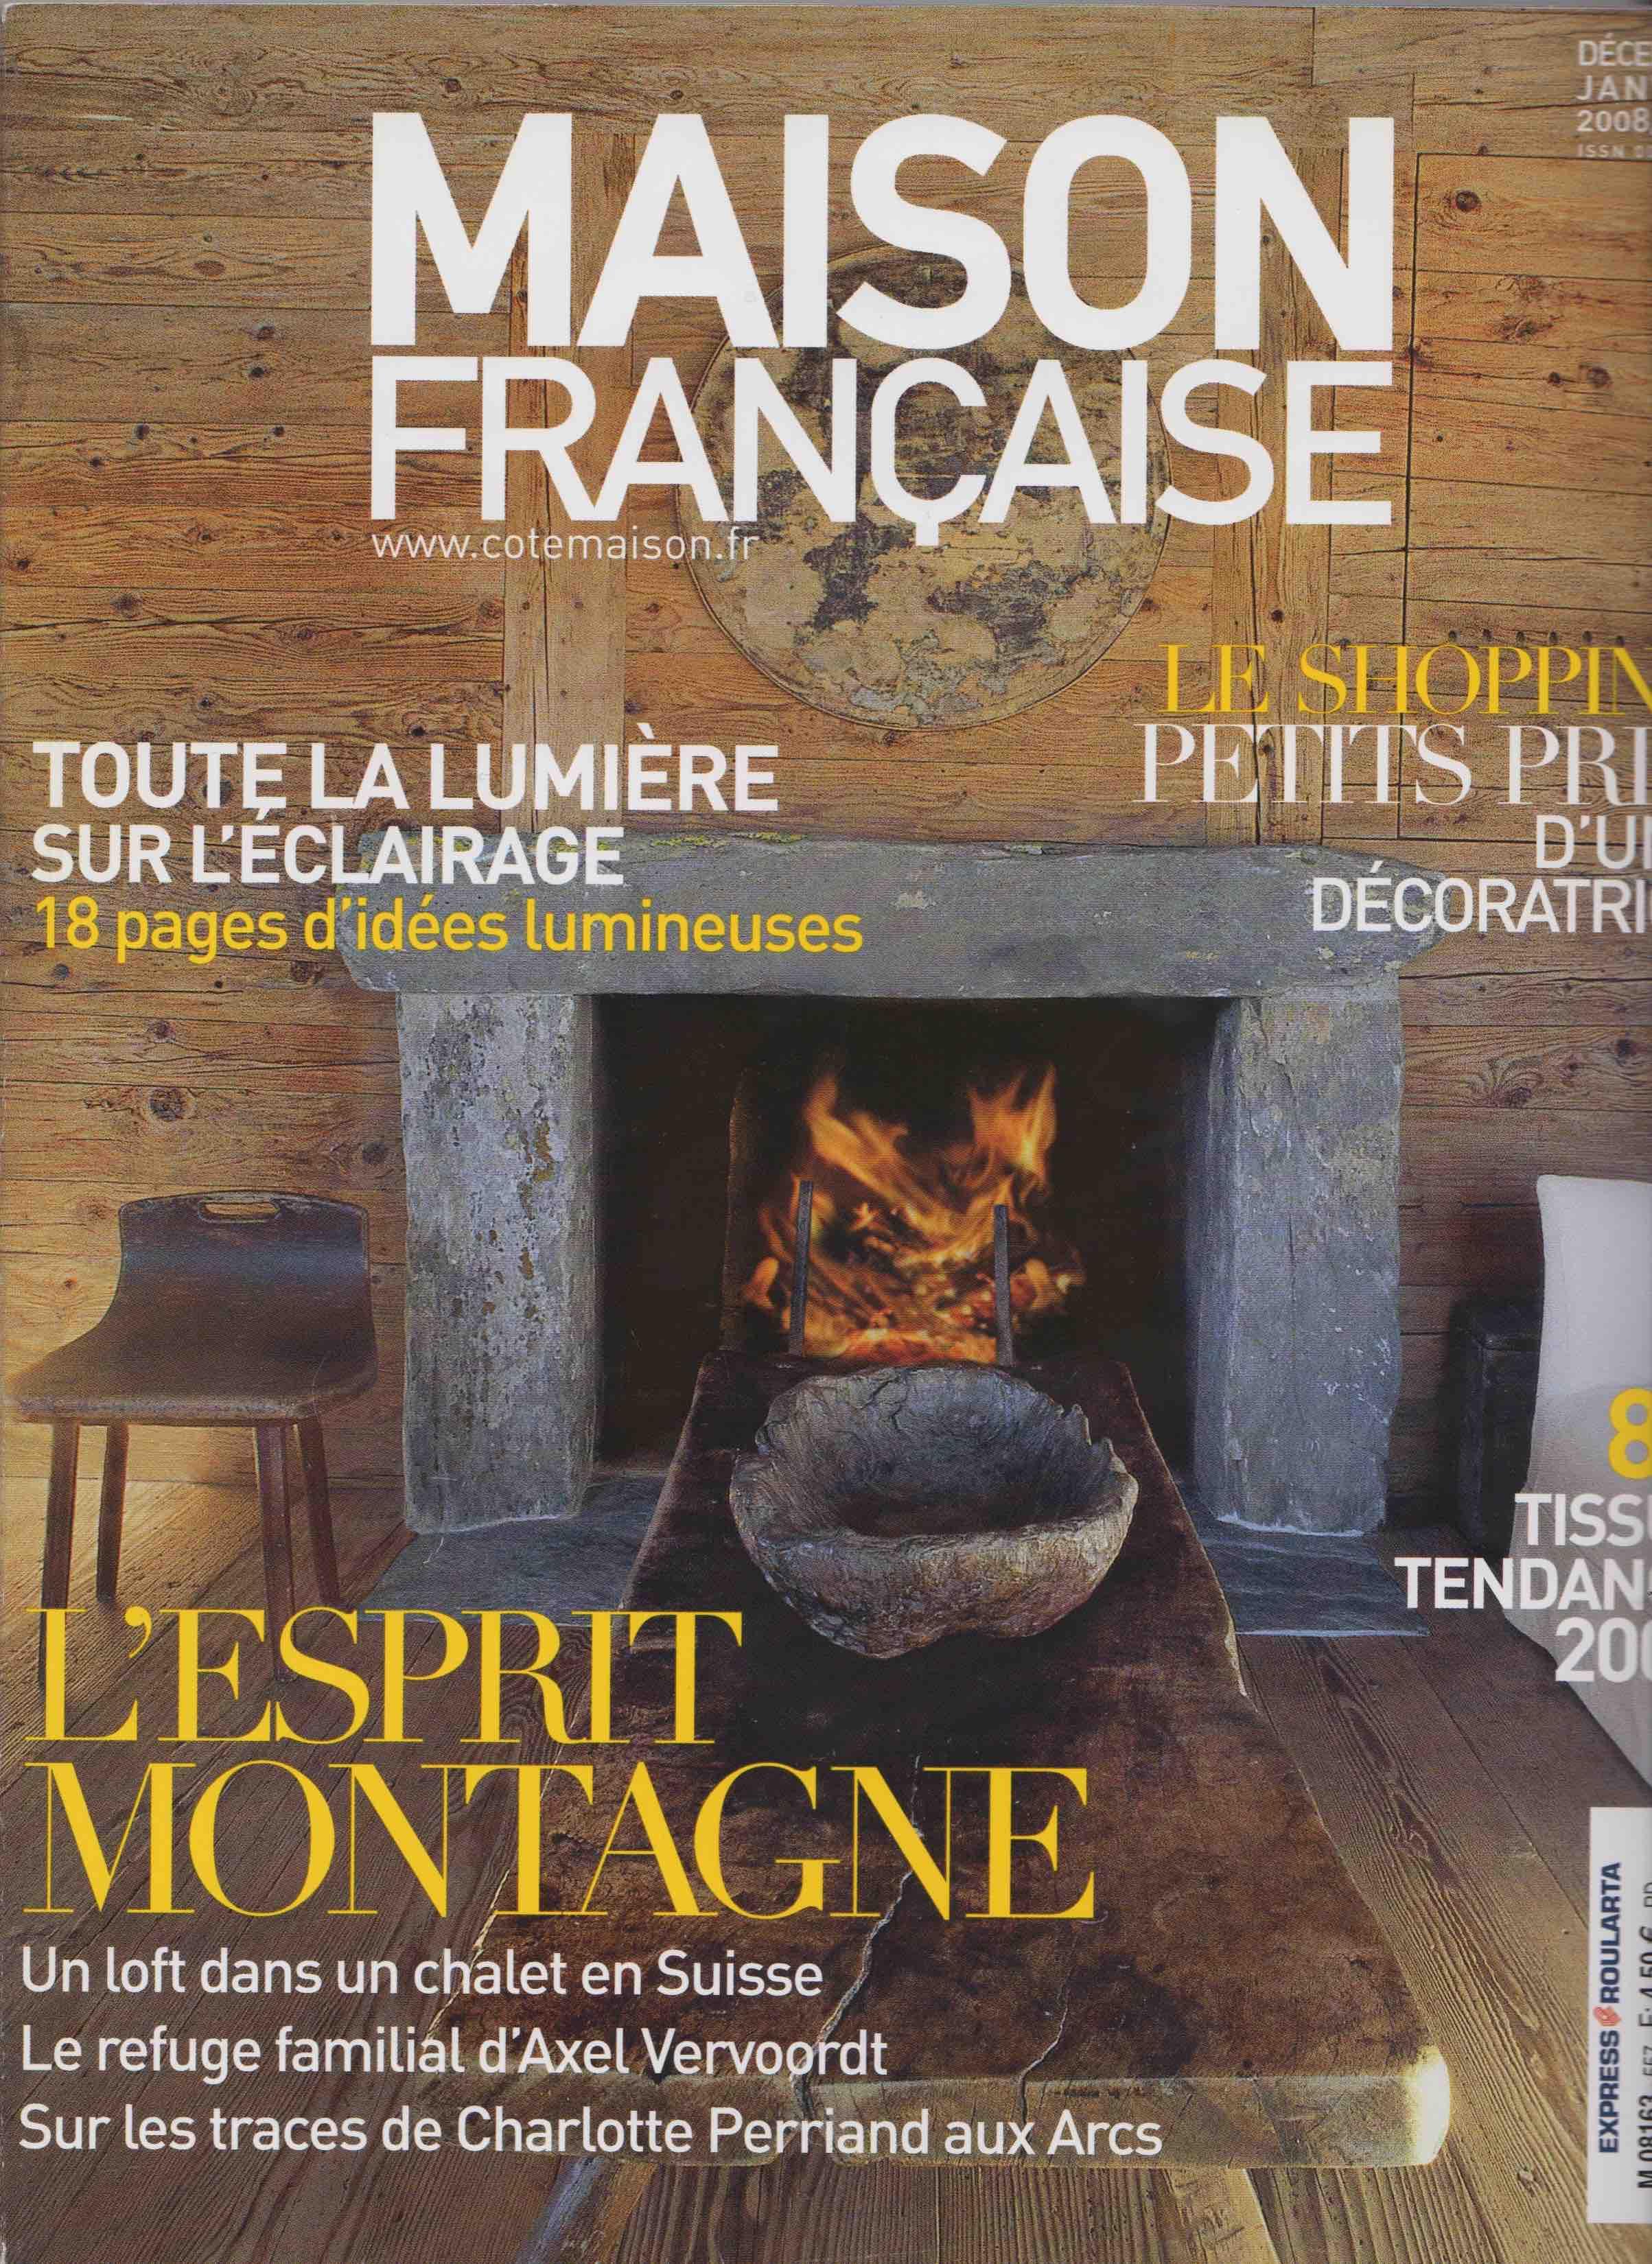 Maison française - Janvier 2008